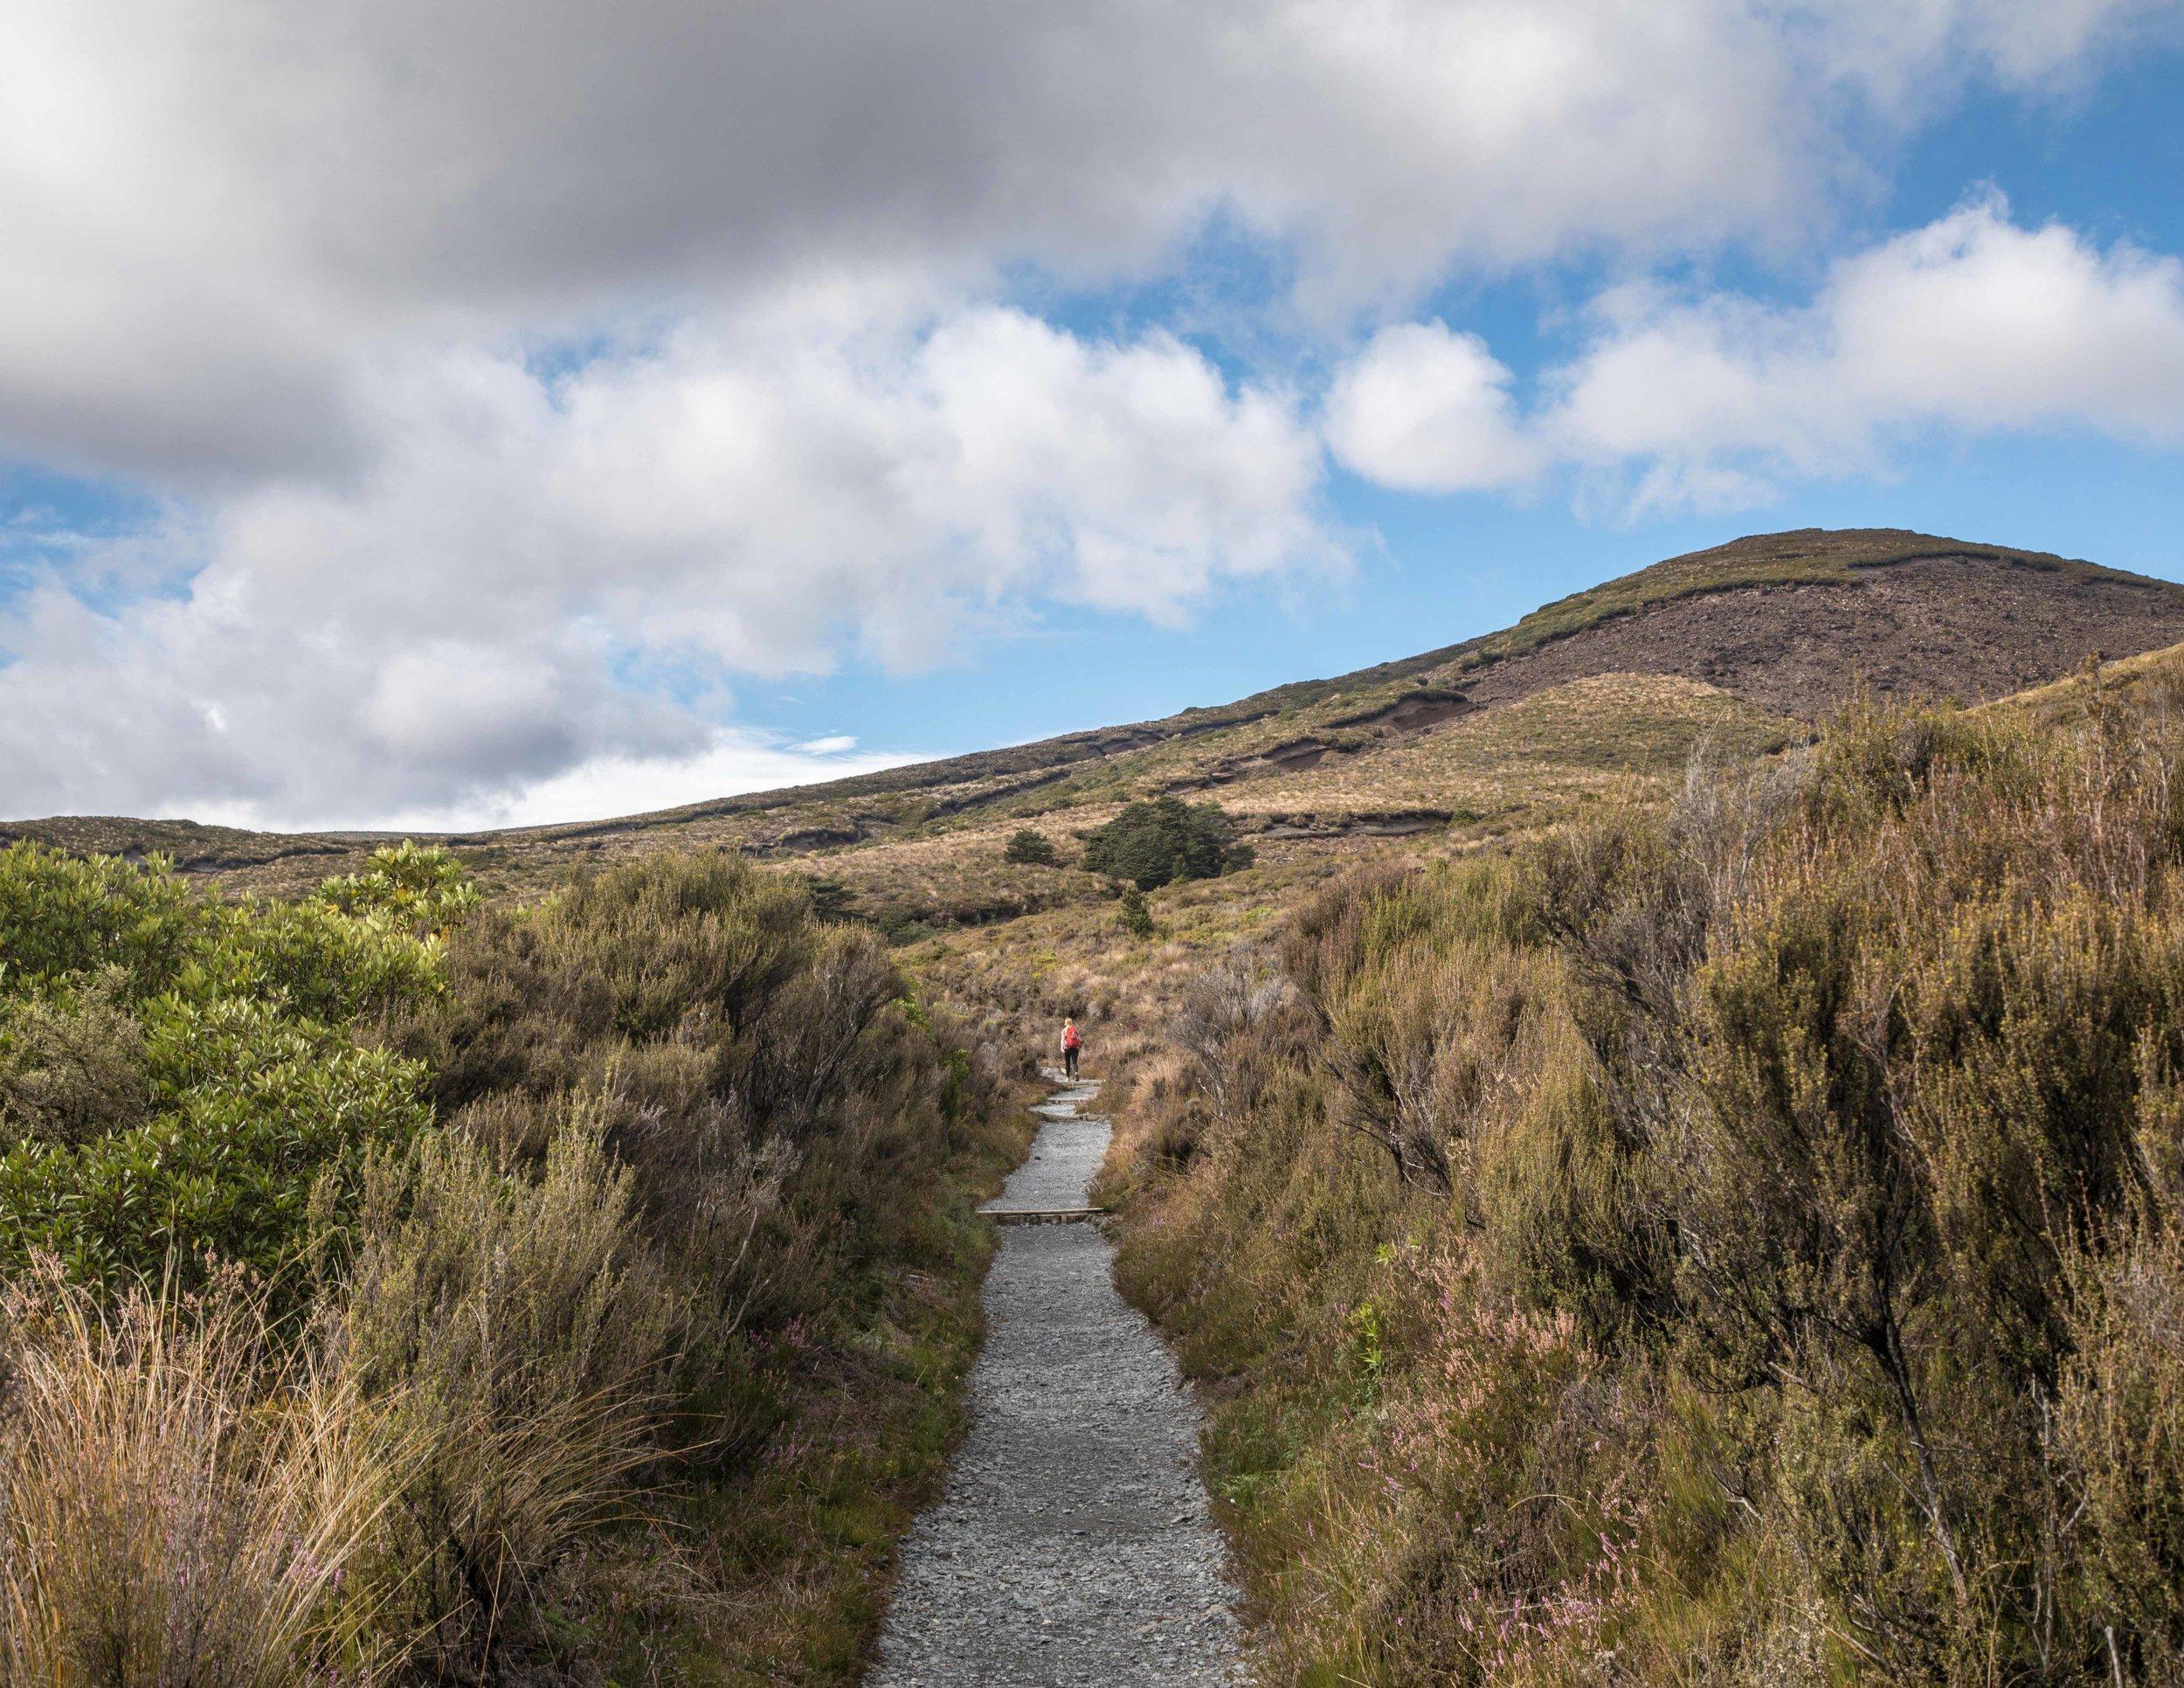 The path to Waihohonu Hut